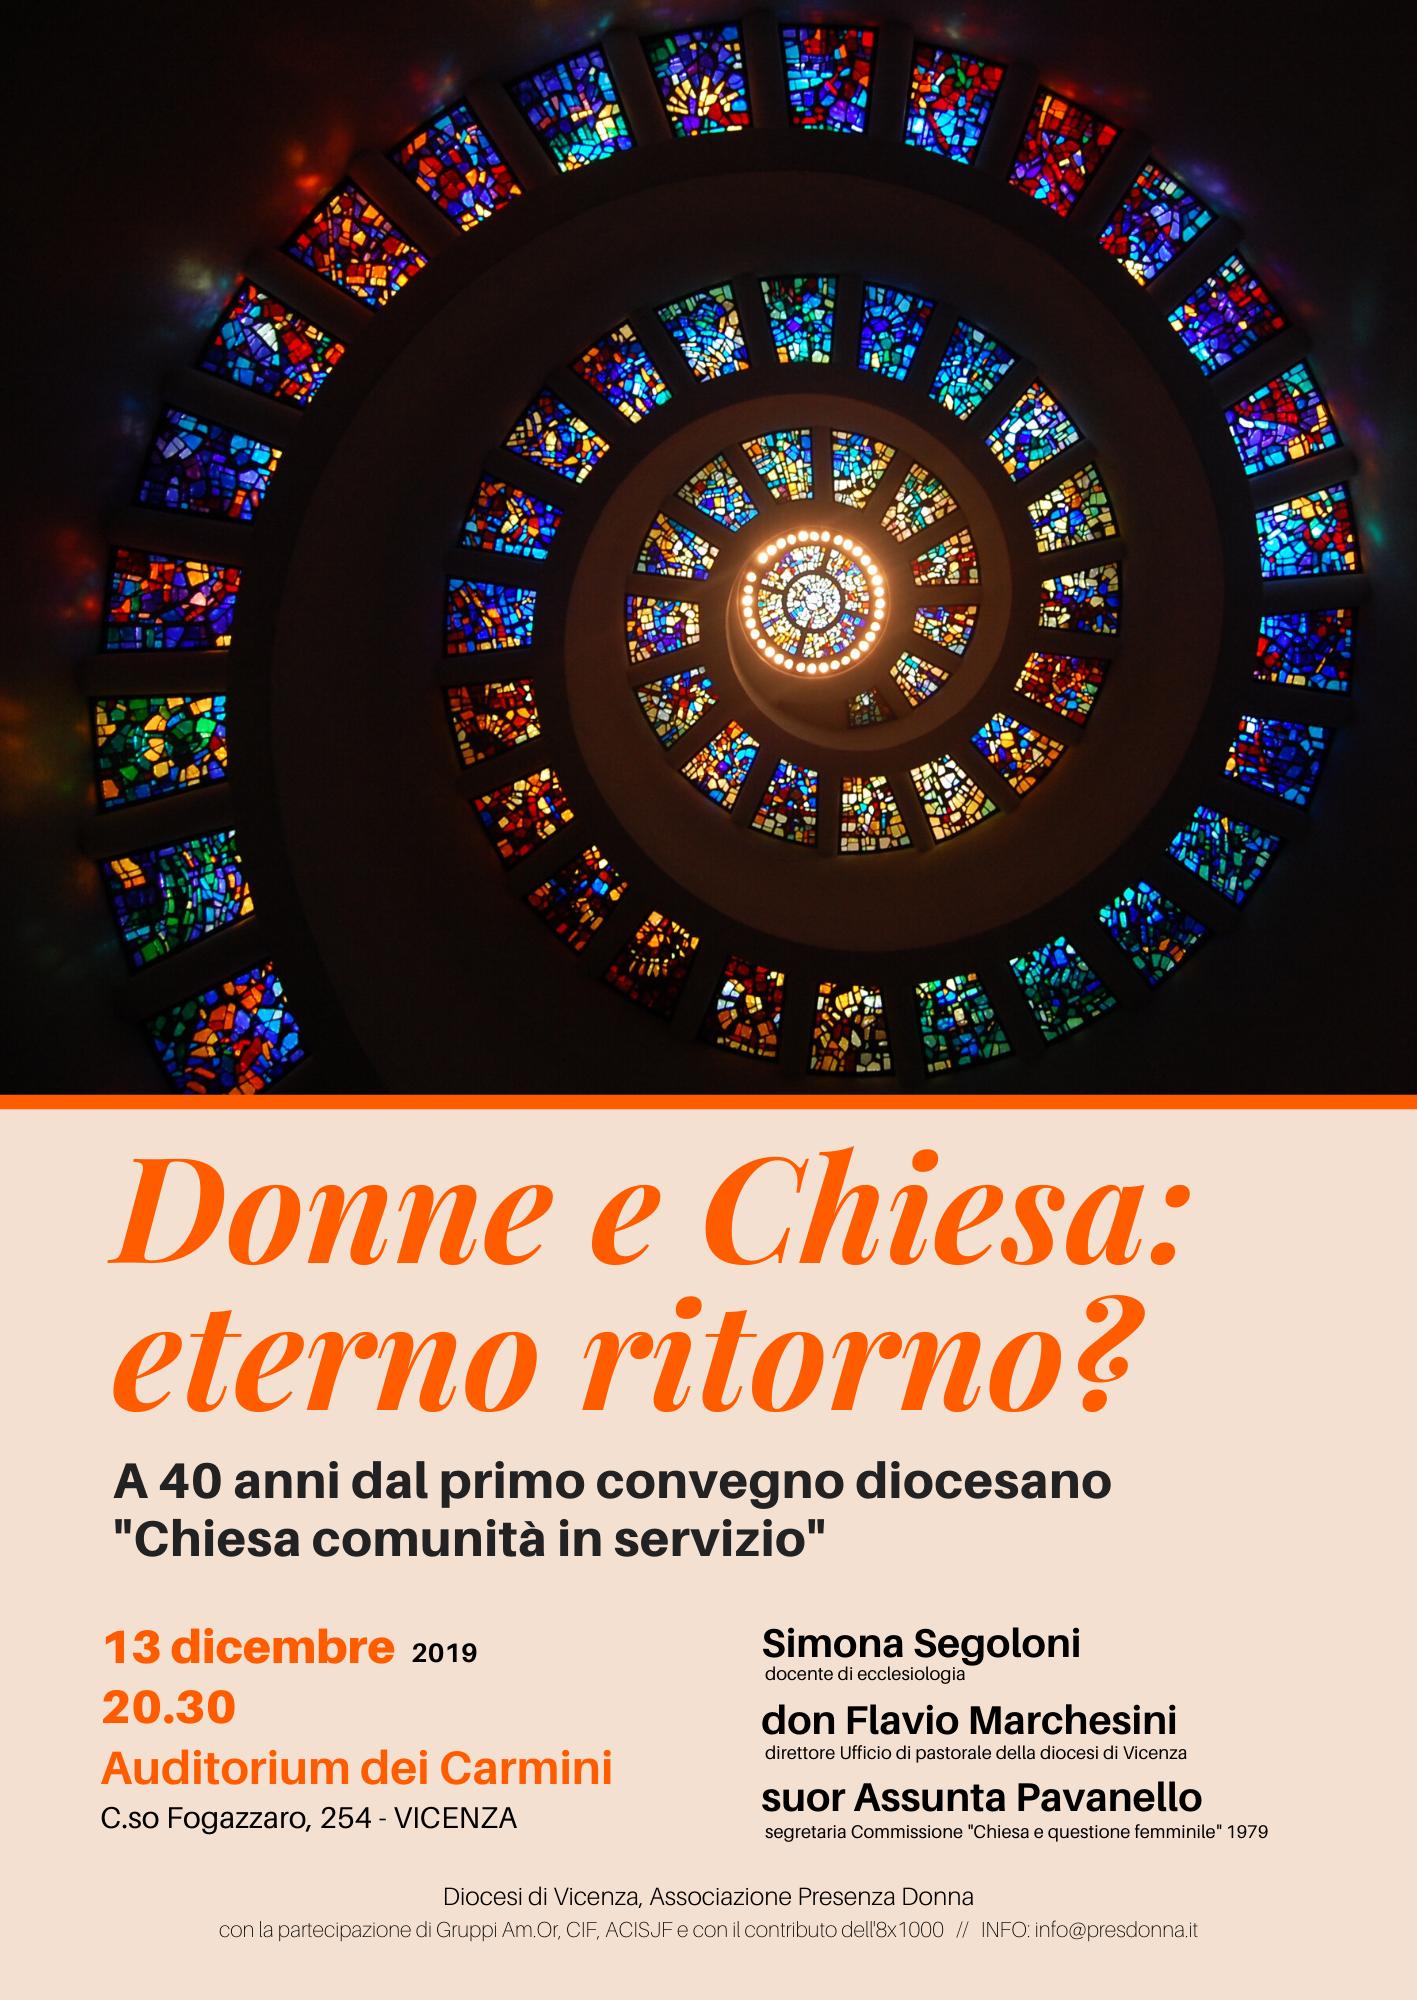 13.12.2019, VICENZA: Donne e chiesa: eterno ritorno? @ Auditorium dei Carmini